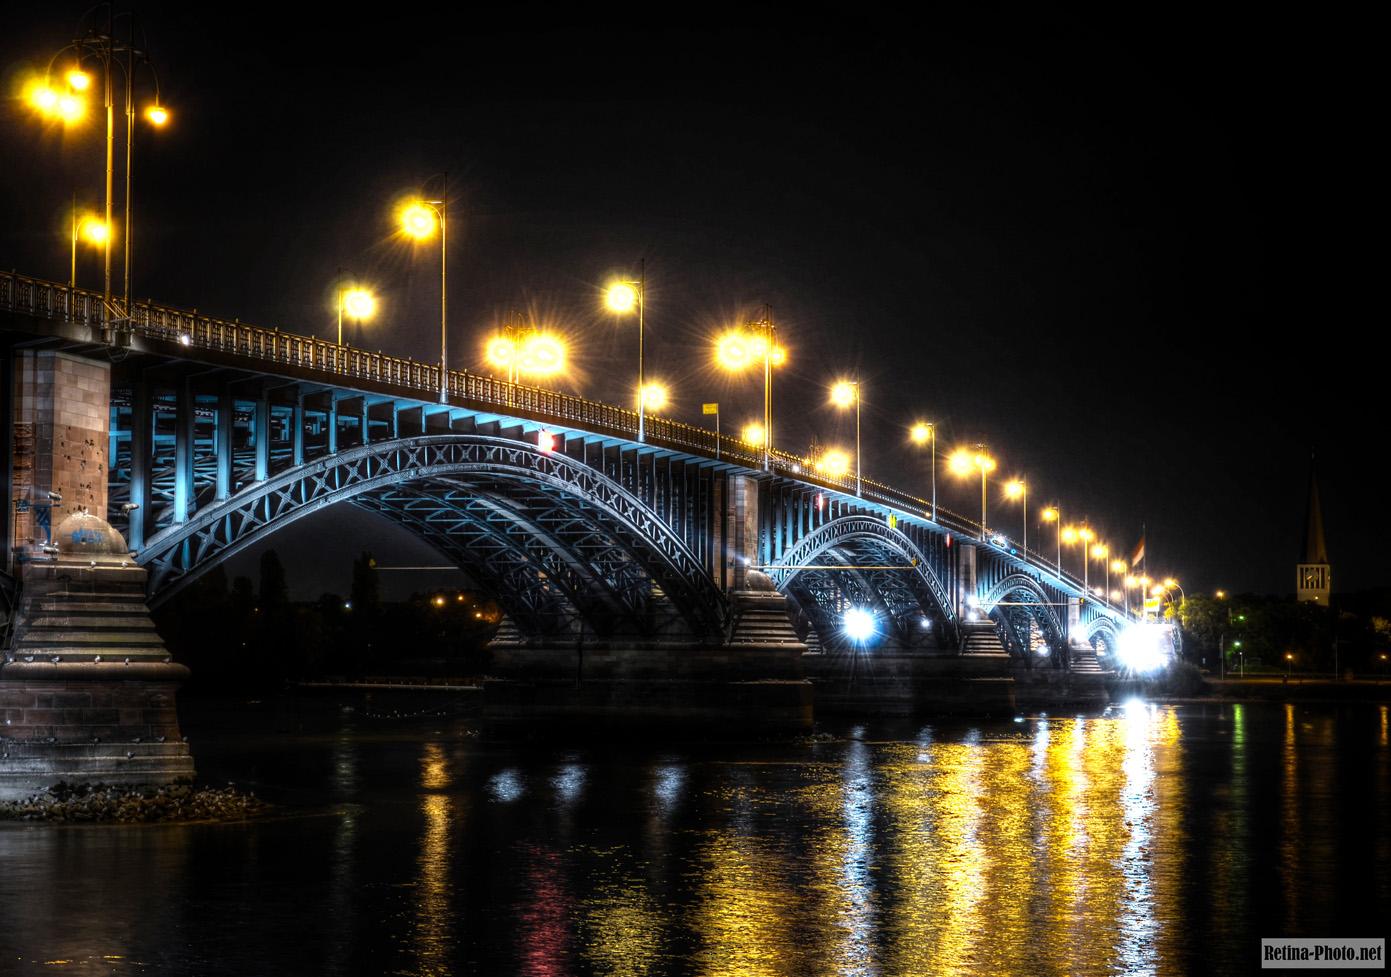 Rheinbrücke HDR1